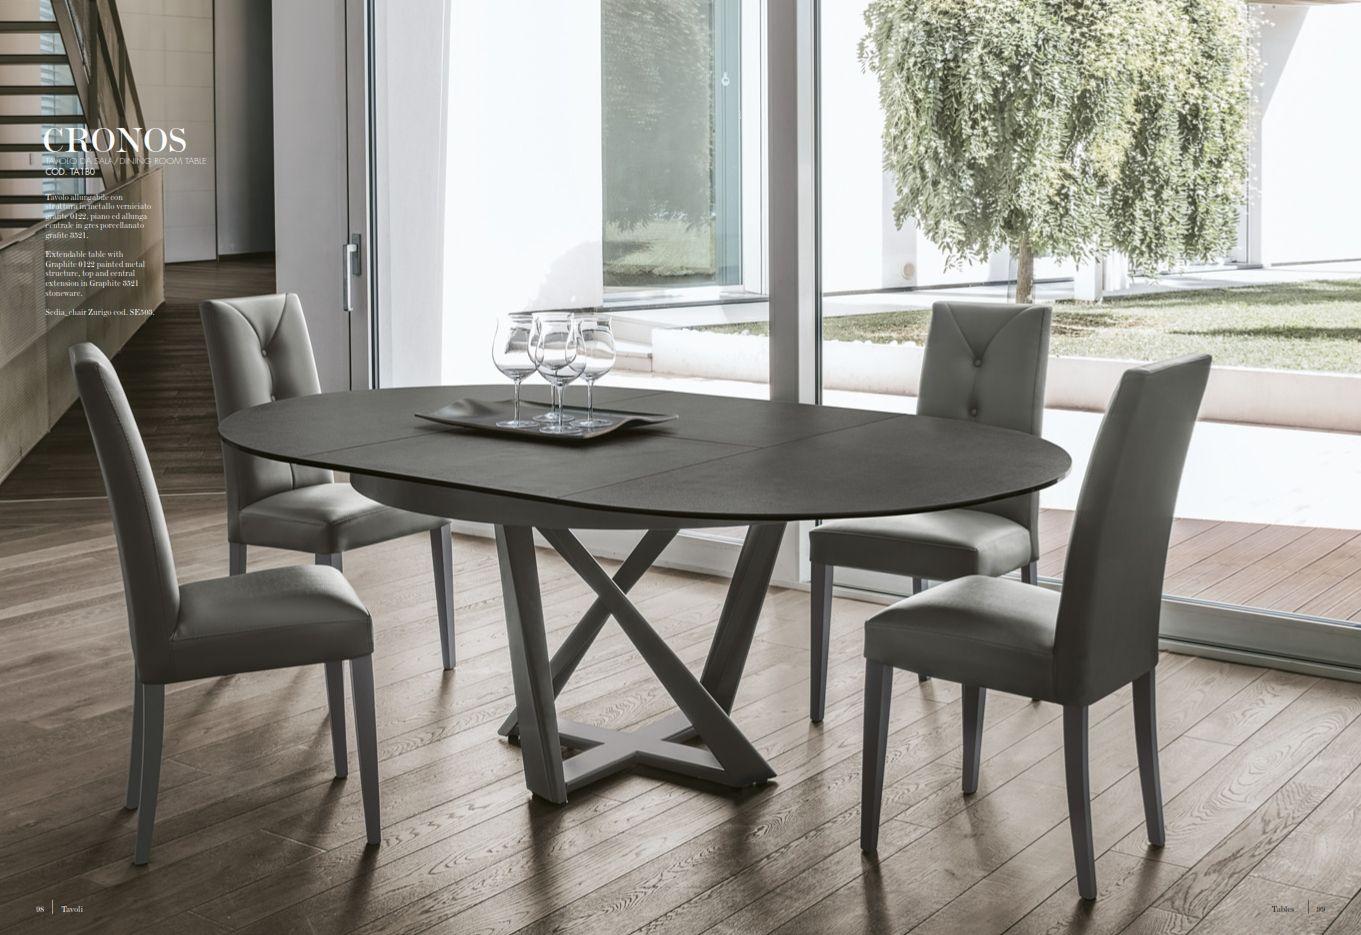 Esszimmerstühle - Esstisch Target Point Serie CronosDie Möbel aus ...